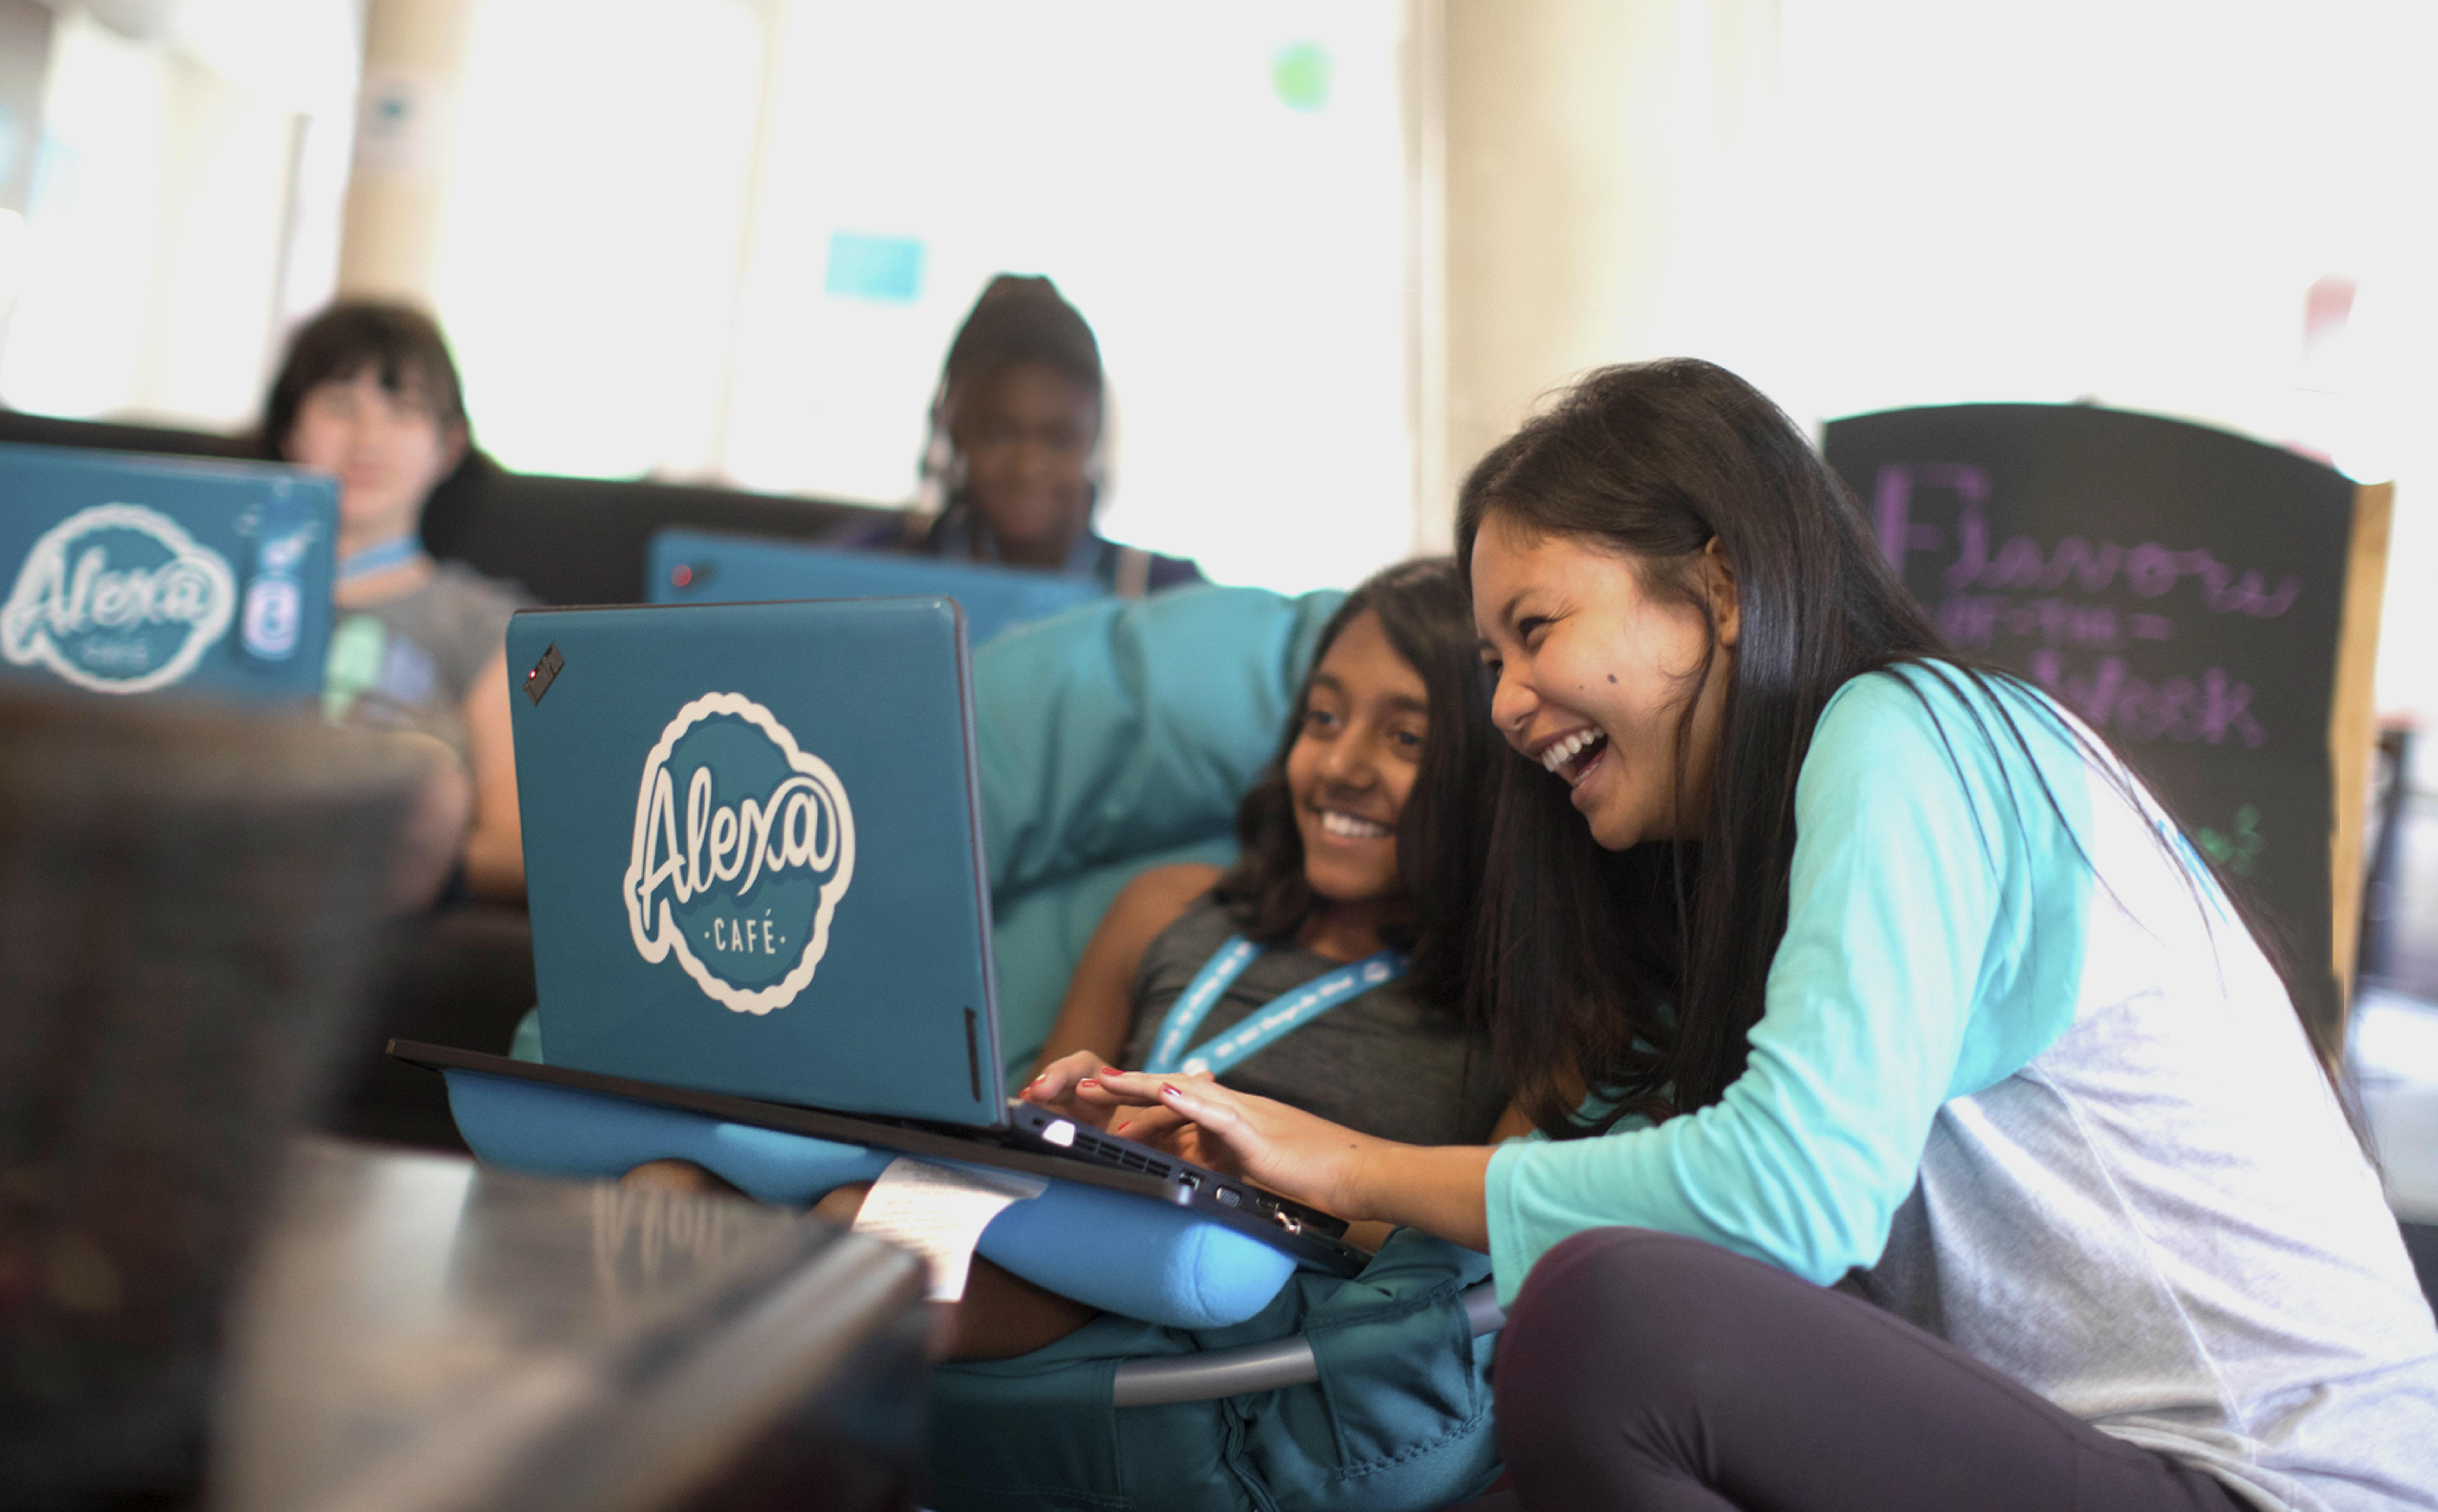 Summer Program - Coding | Alexa Cafe: All-Girls STEM Camp | Held at Villanova